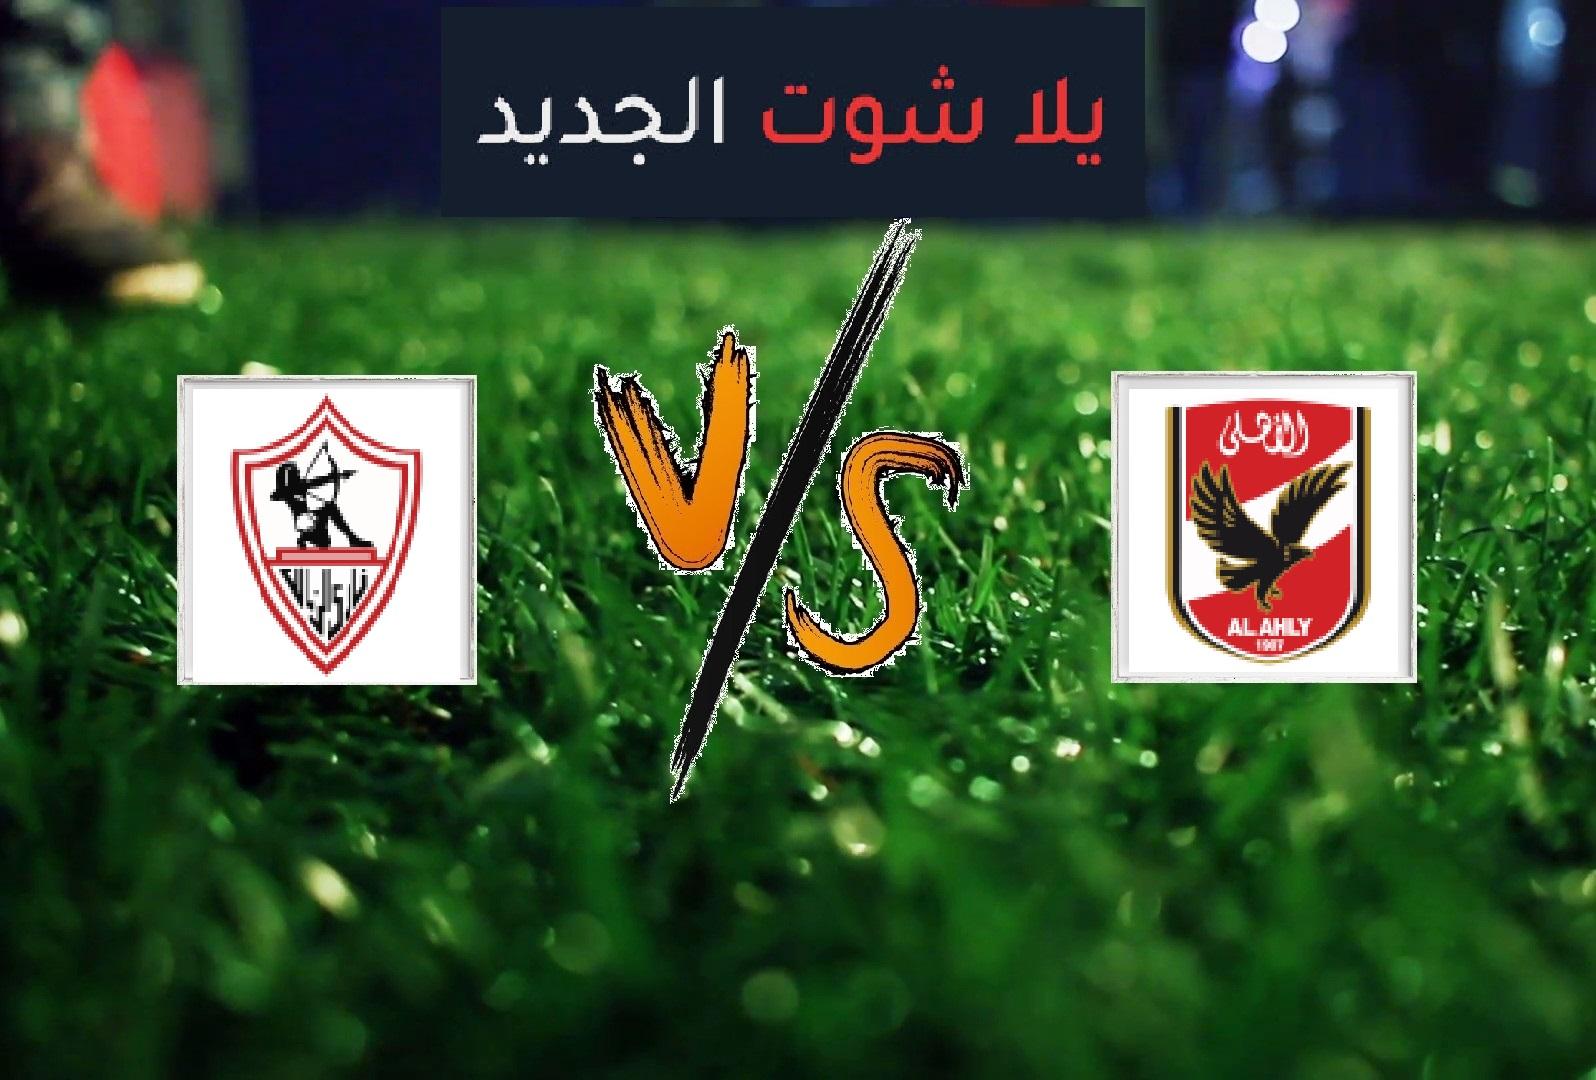 نتيجة مباراة الأهلي والزمالك بتاريخ 24-02-2020 الدوري المصري